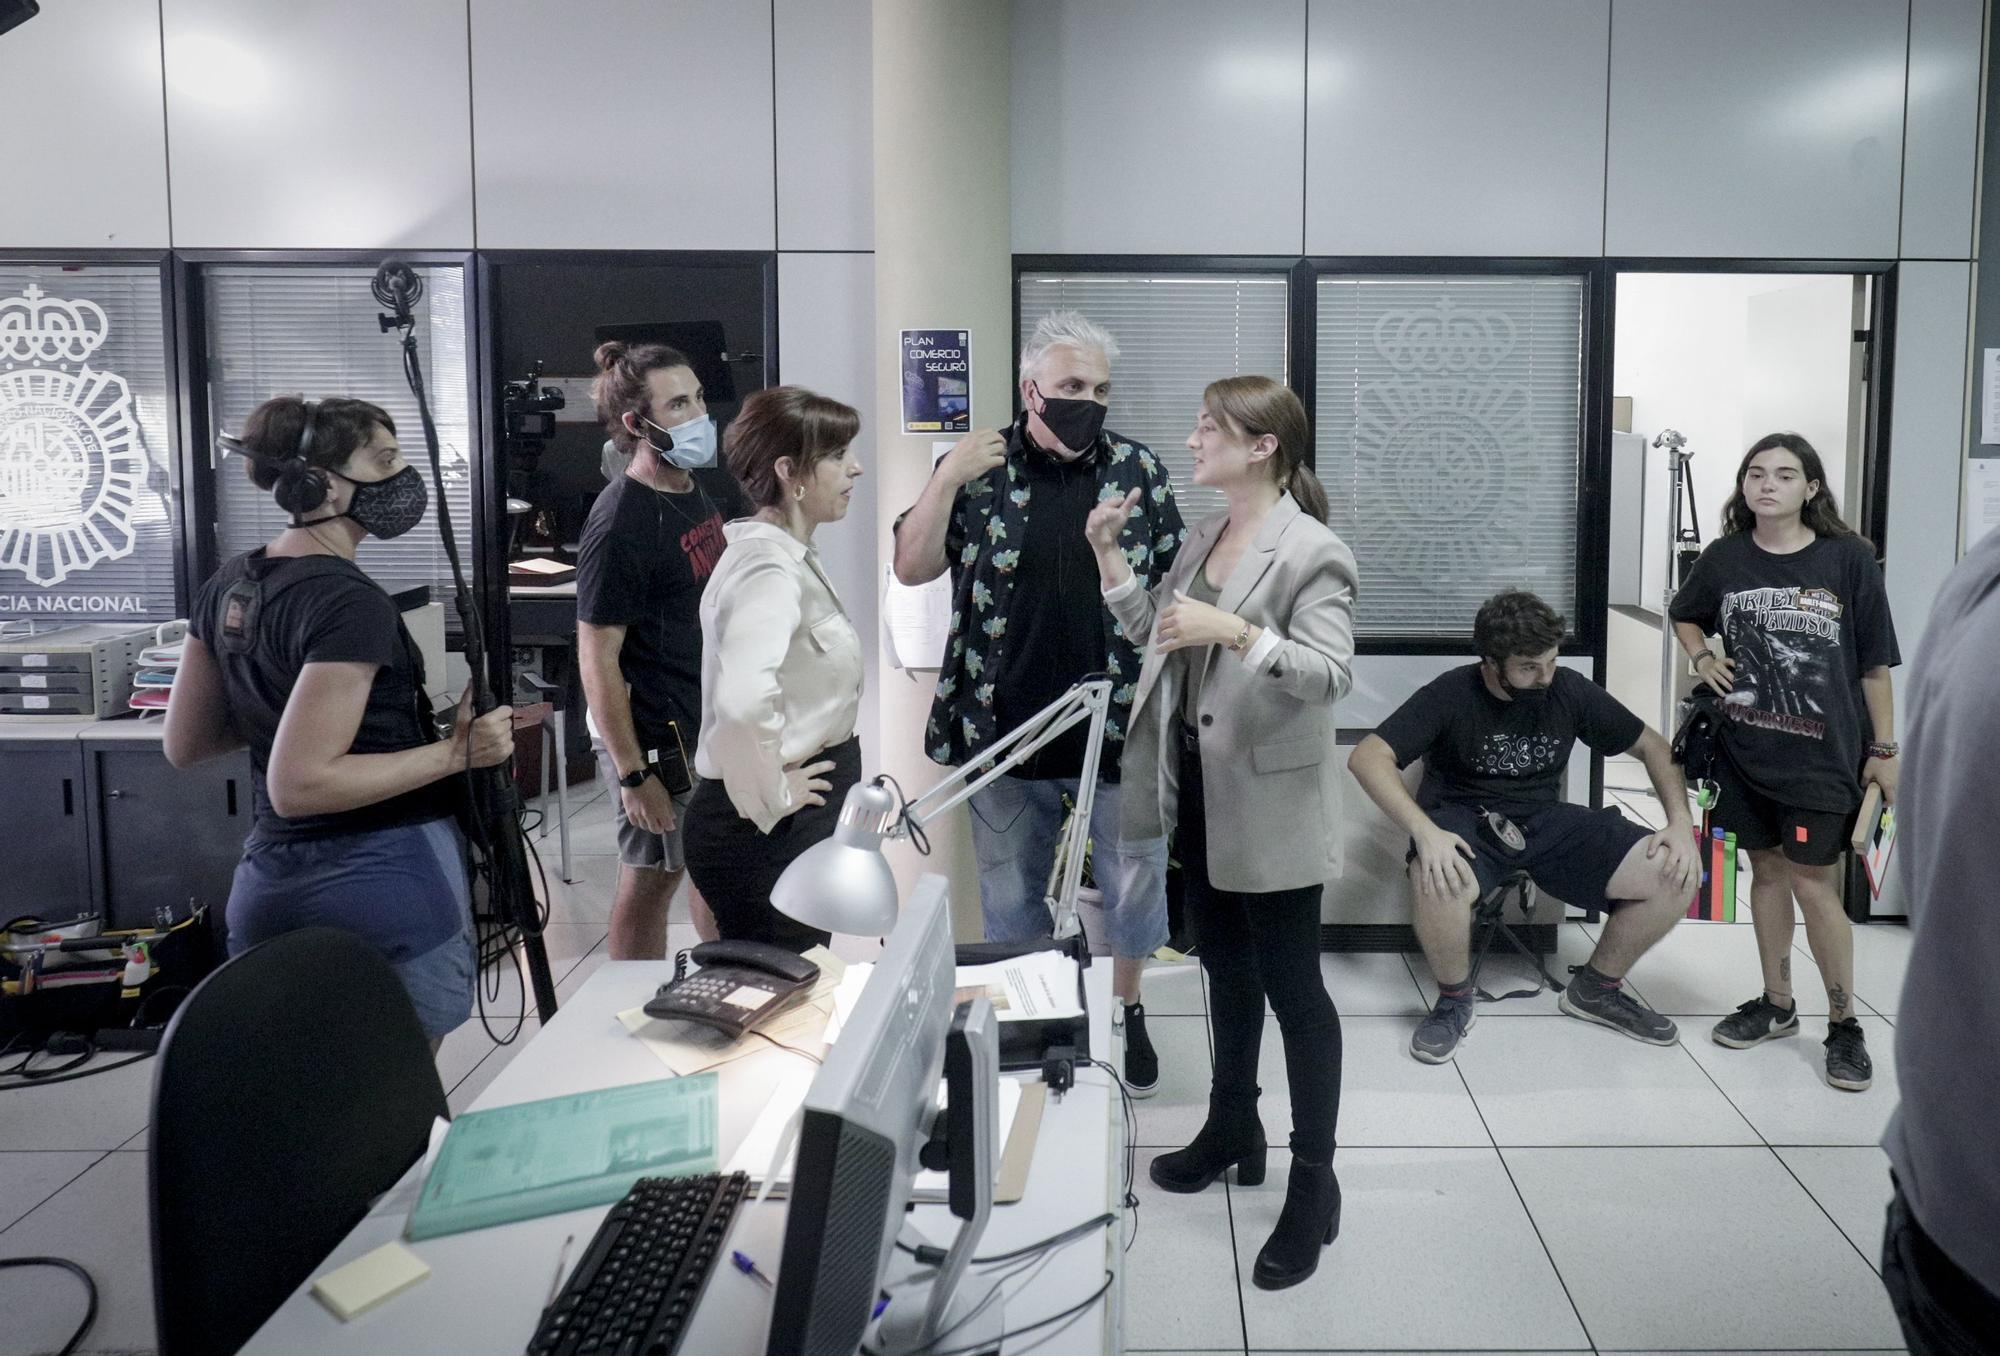 Toni Bestard convierte las instalaciones de Diario de Mallorca en un plató de cine